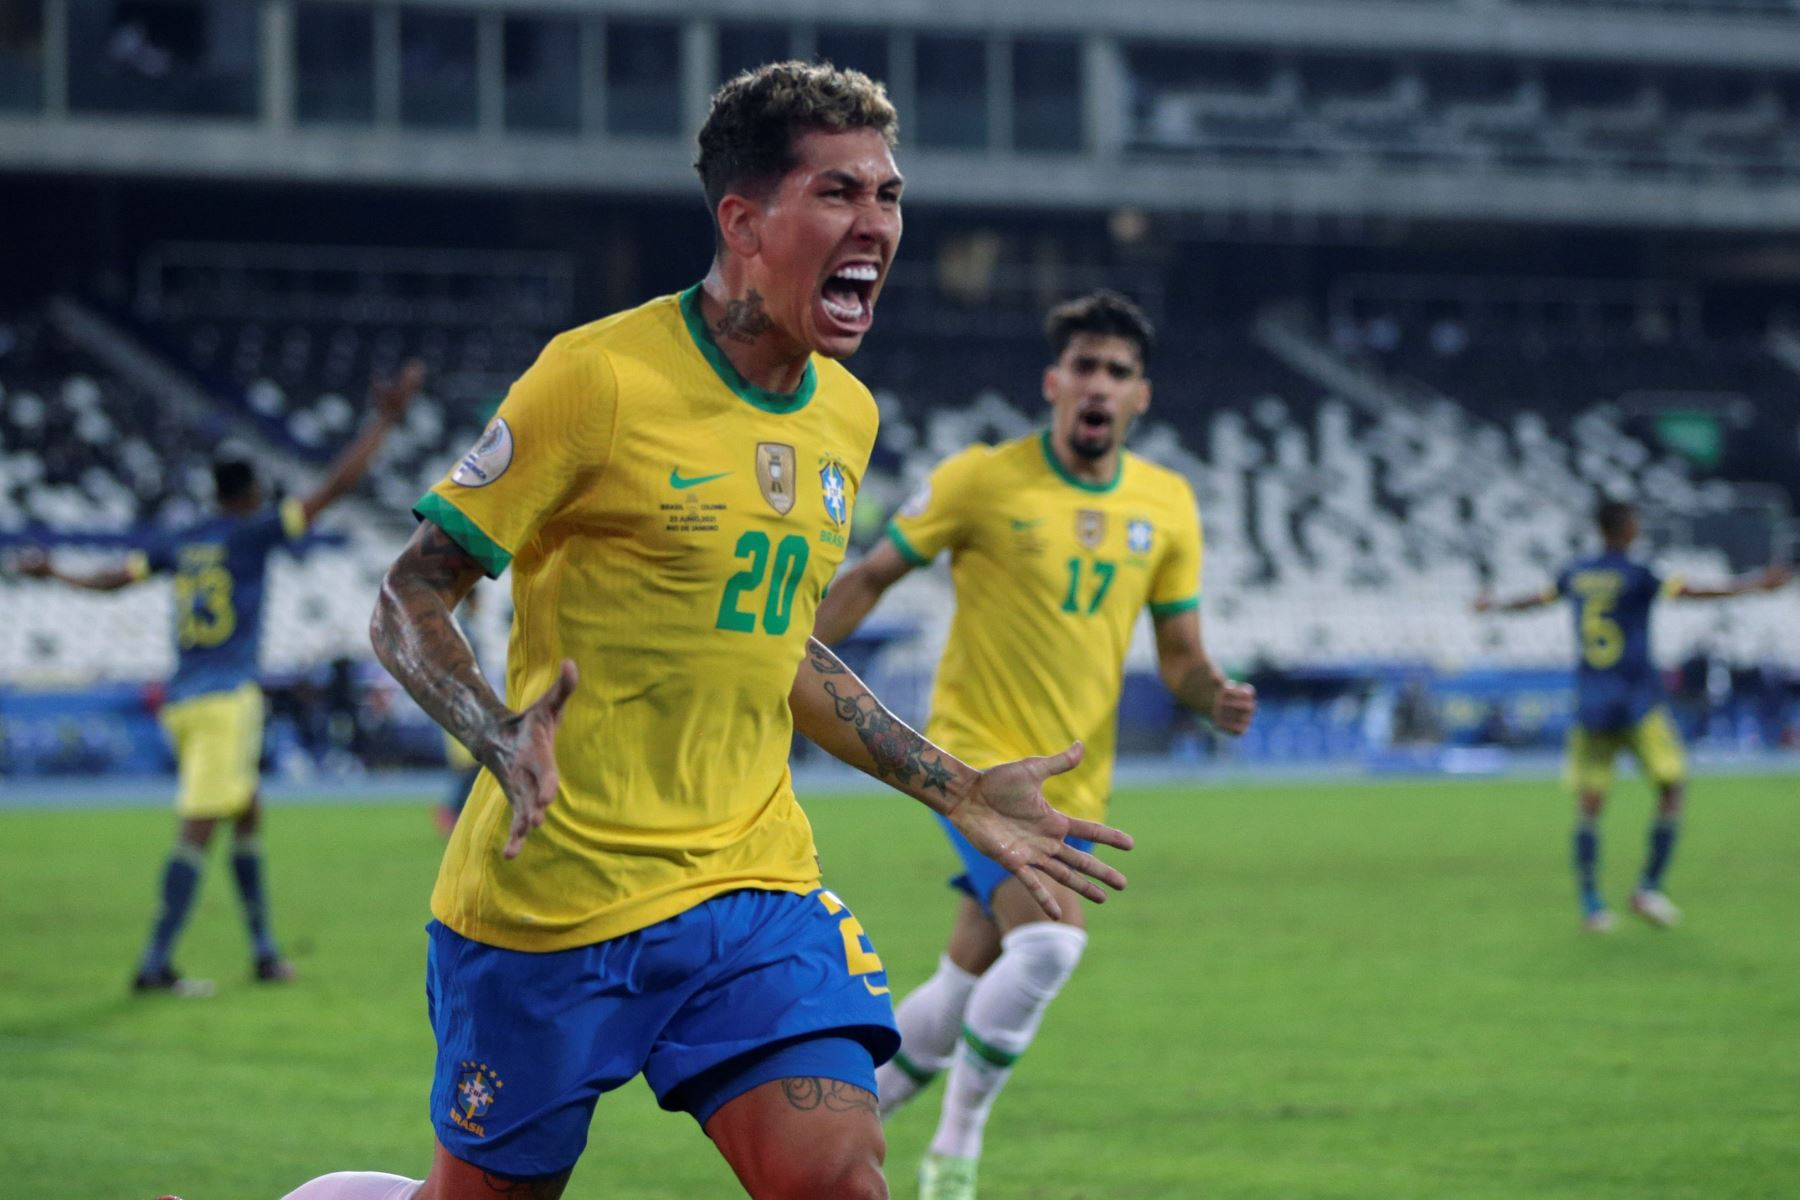 Roberto Firmino de Brasil celebra un gol  ante Colombia, durante un partido por el Grupo B de la Copa América en el Estadio Olímpico Nilton Santos de Río de Janeiro. Foto: EFE